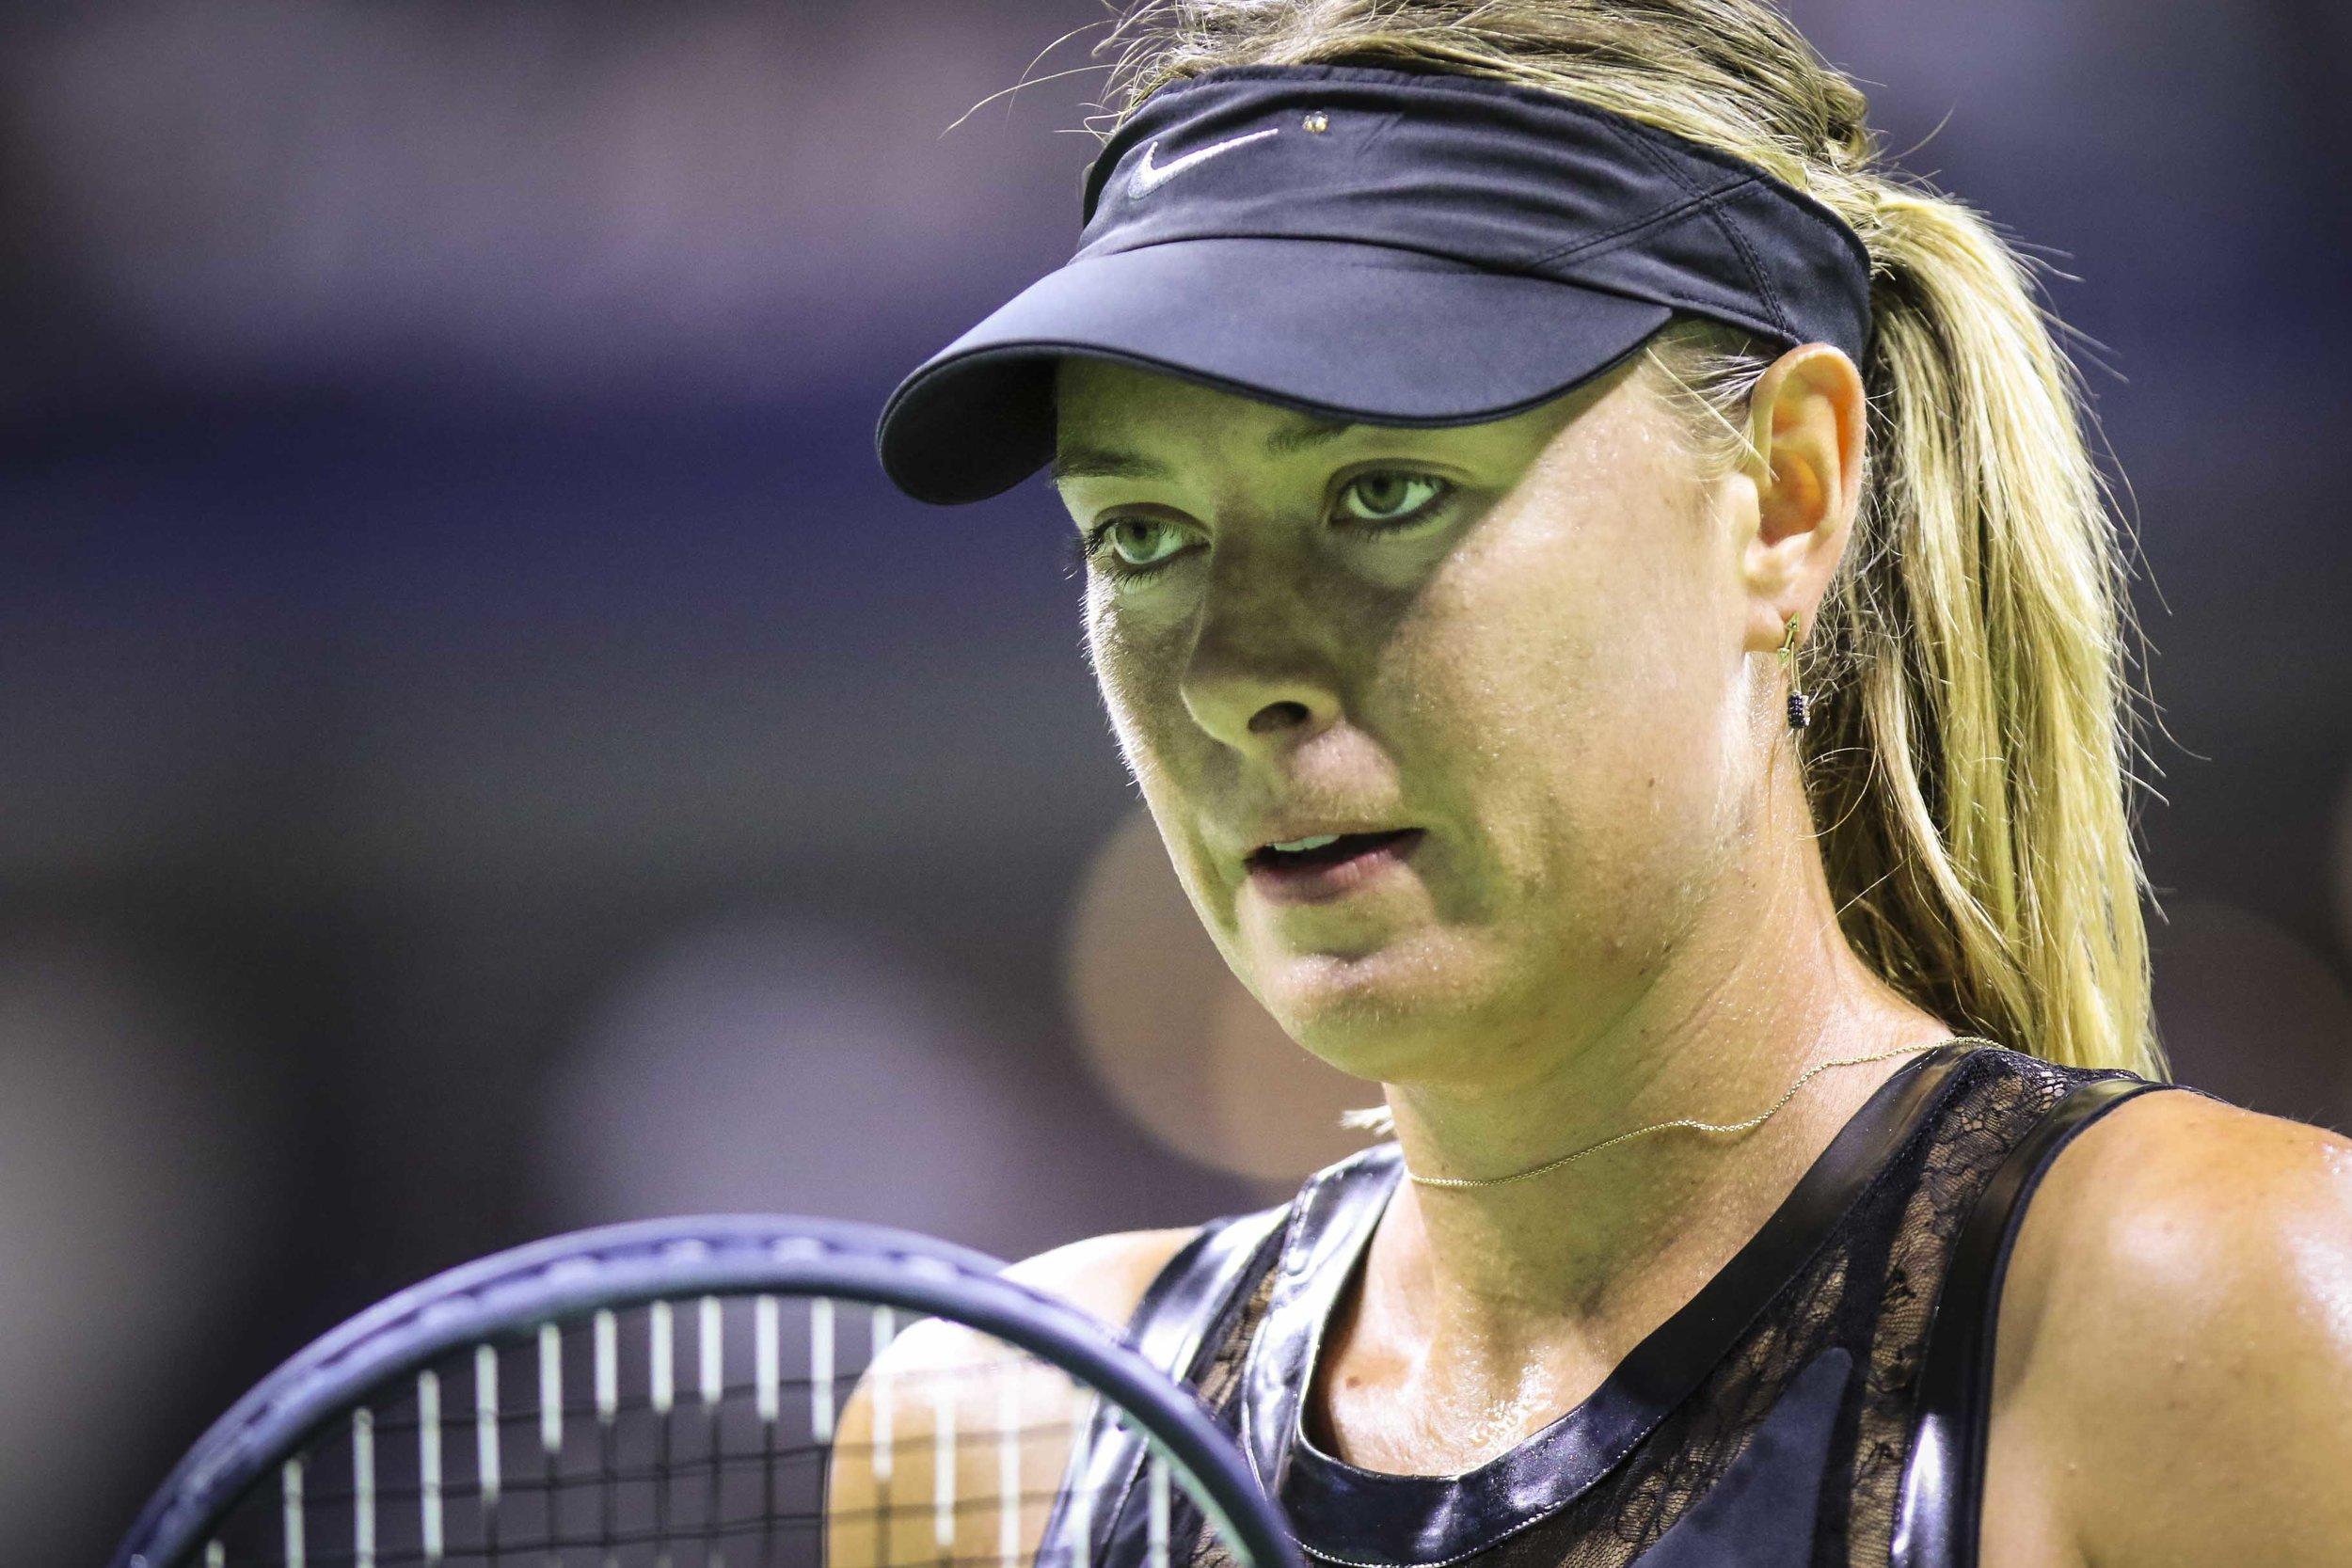 She's Back - And Still A Fan Favorite... Maria Sharapova (RUS)